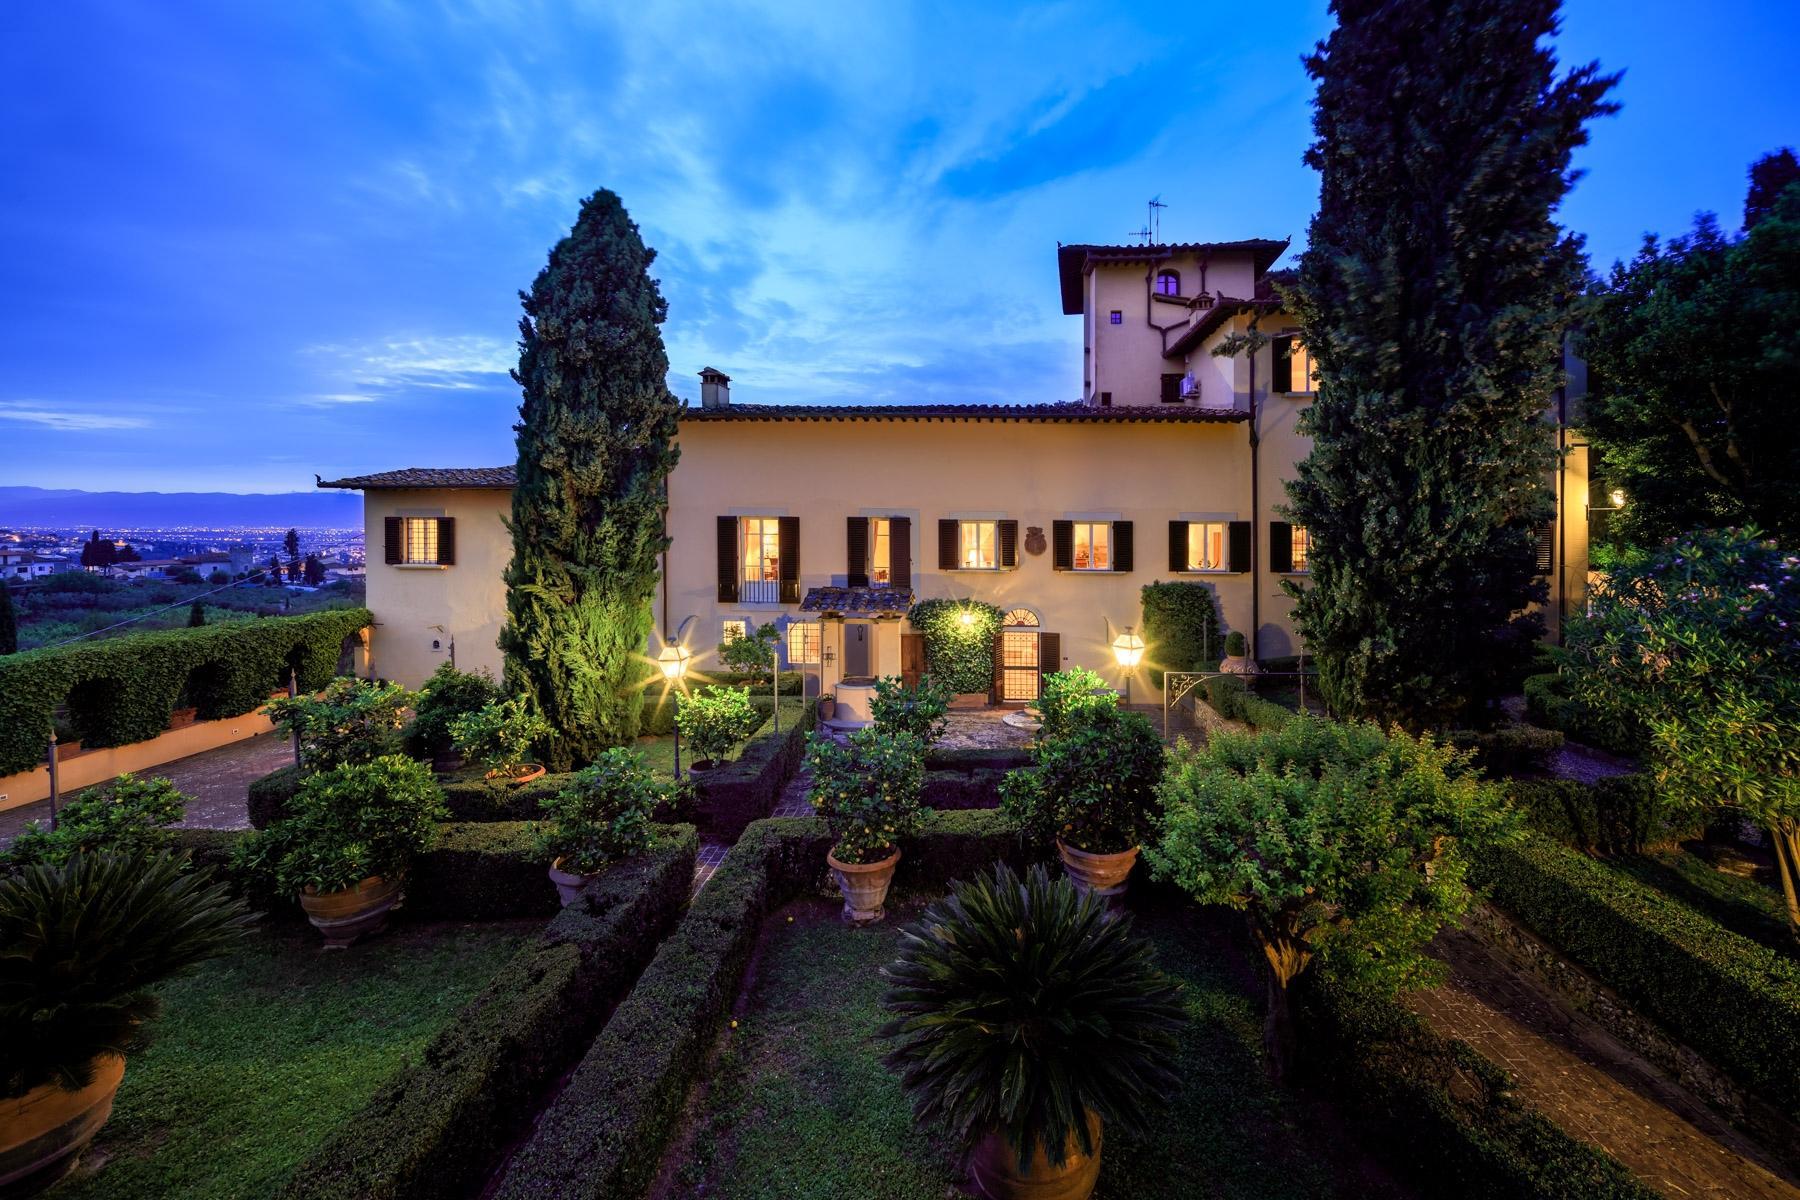 Merveilleuse villa du XVIe siècle - 1